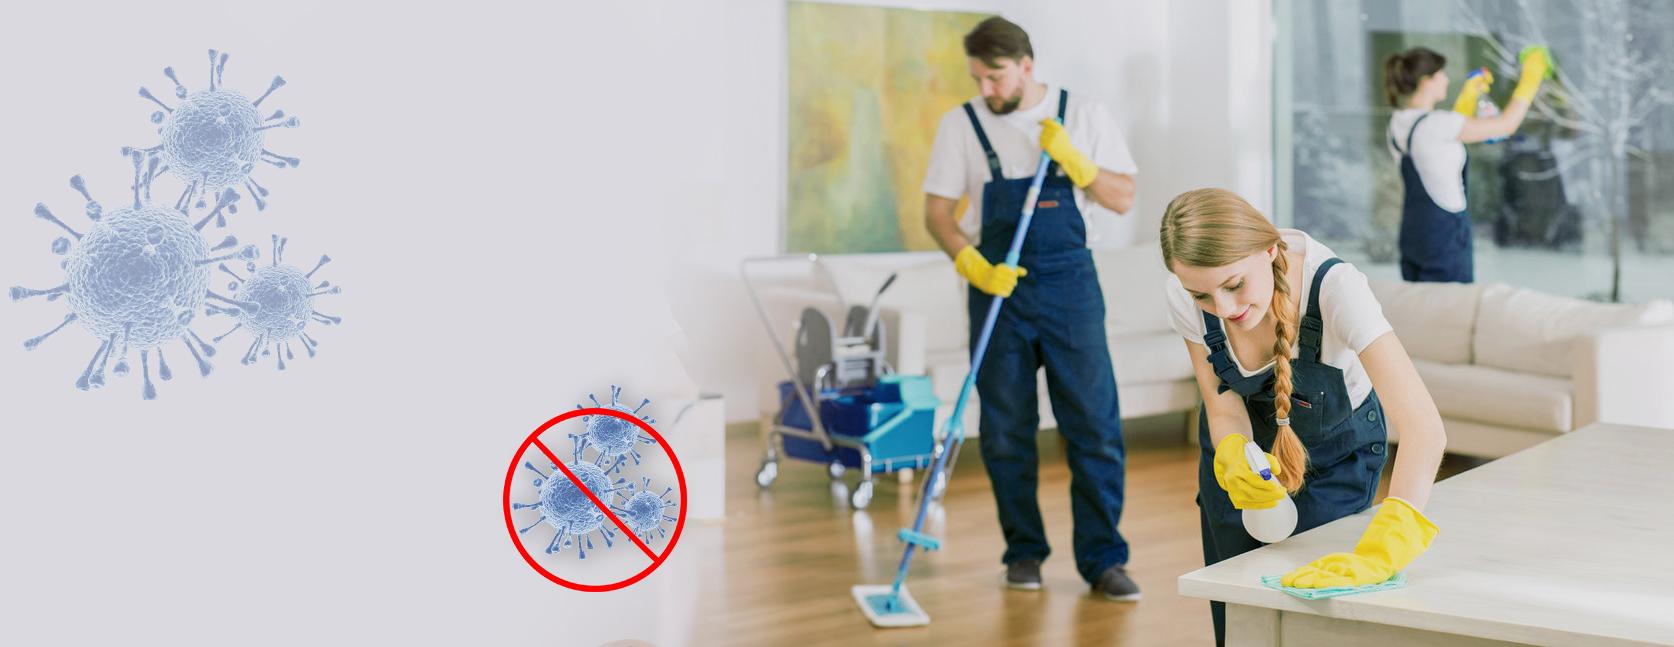 servicii-curatenie-biocid-